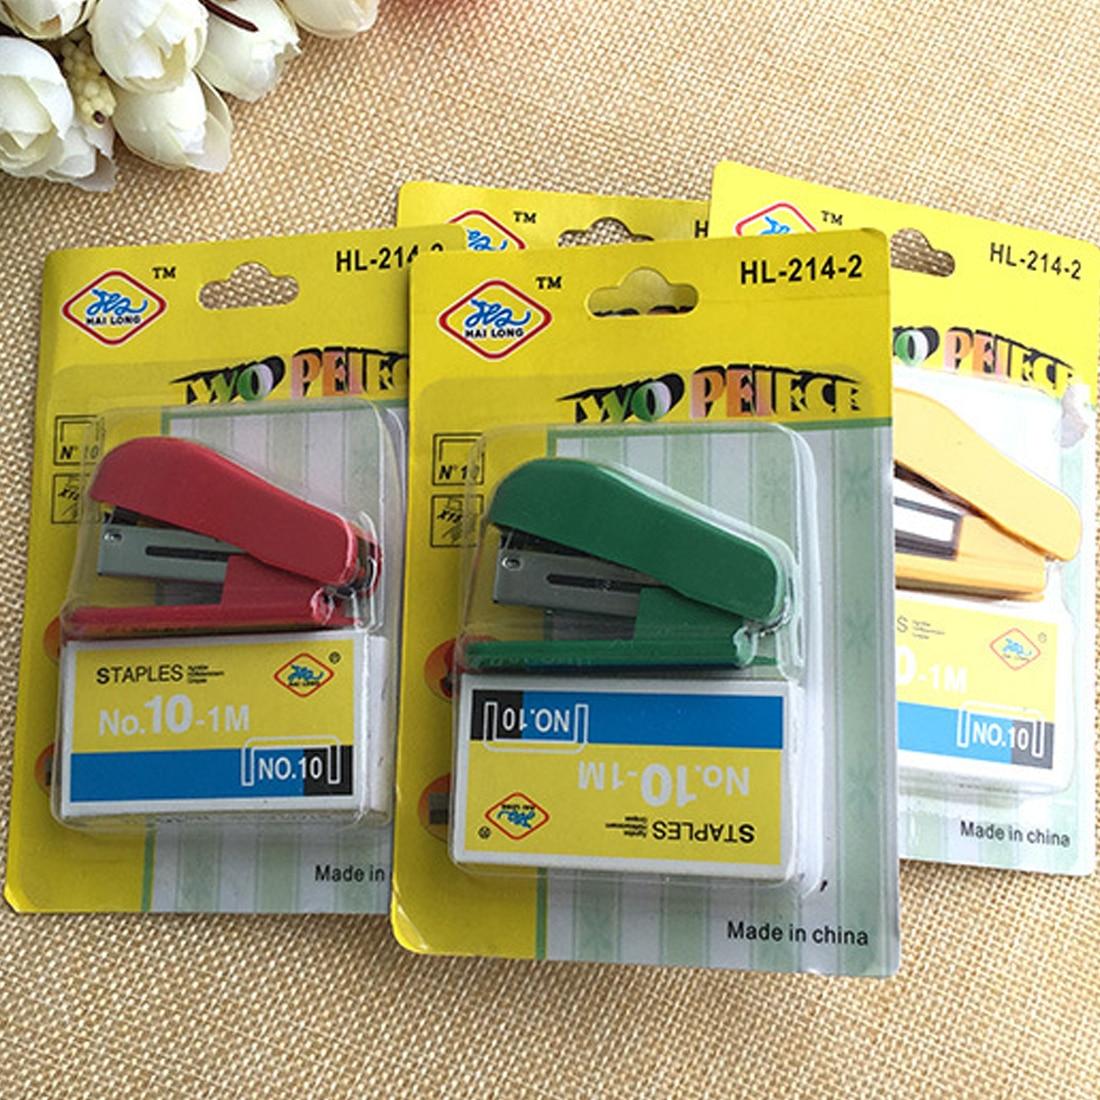 FangNymph Super Kawaii Mini Small Stapler Useful Mini Stapler Staples Set Office Binding Stationery Random Color